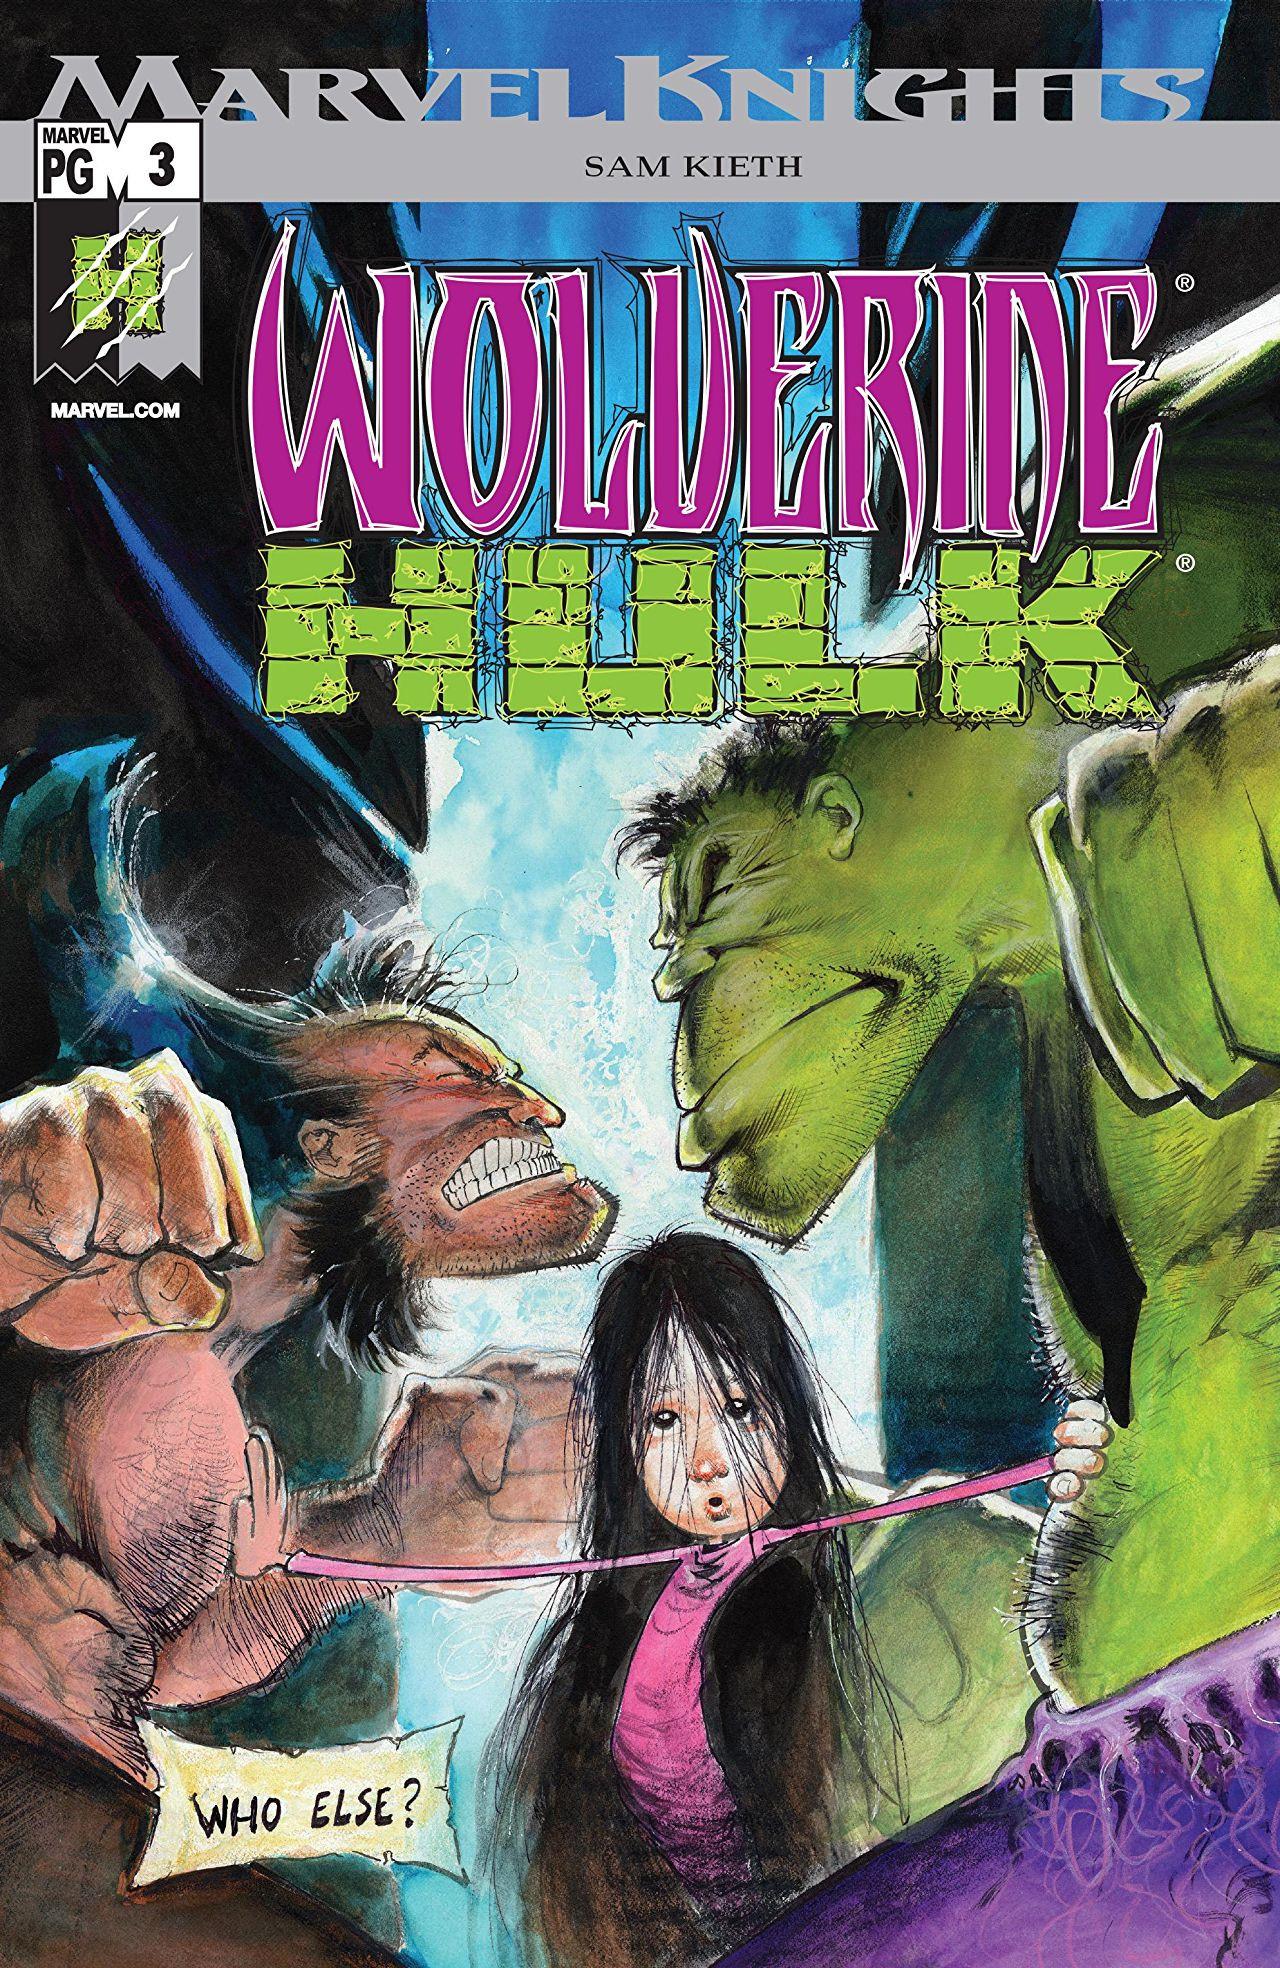 Wolverine/Hulk Vol 1 3